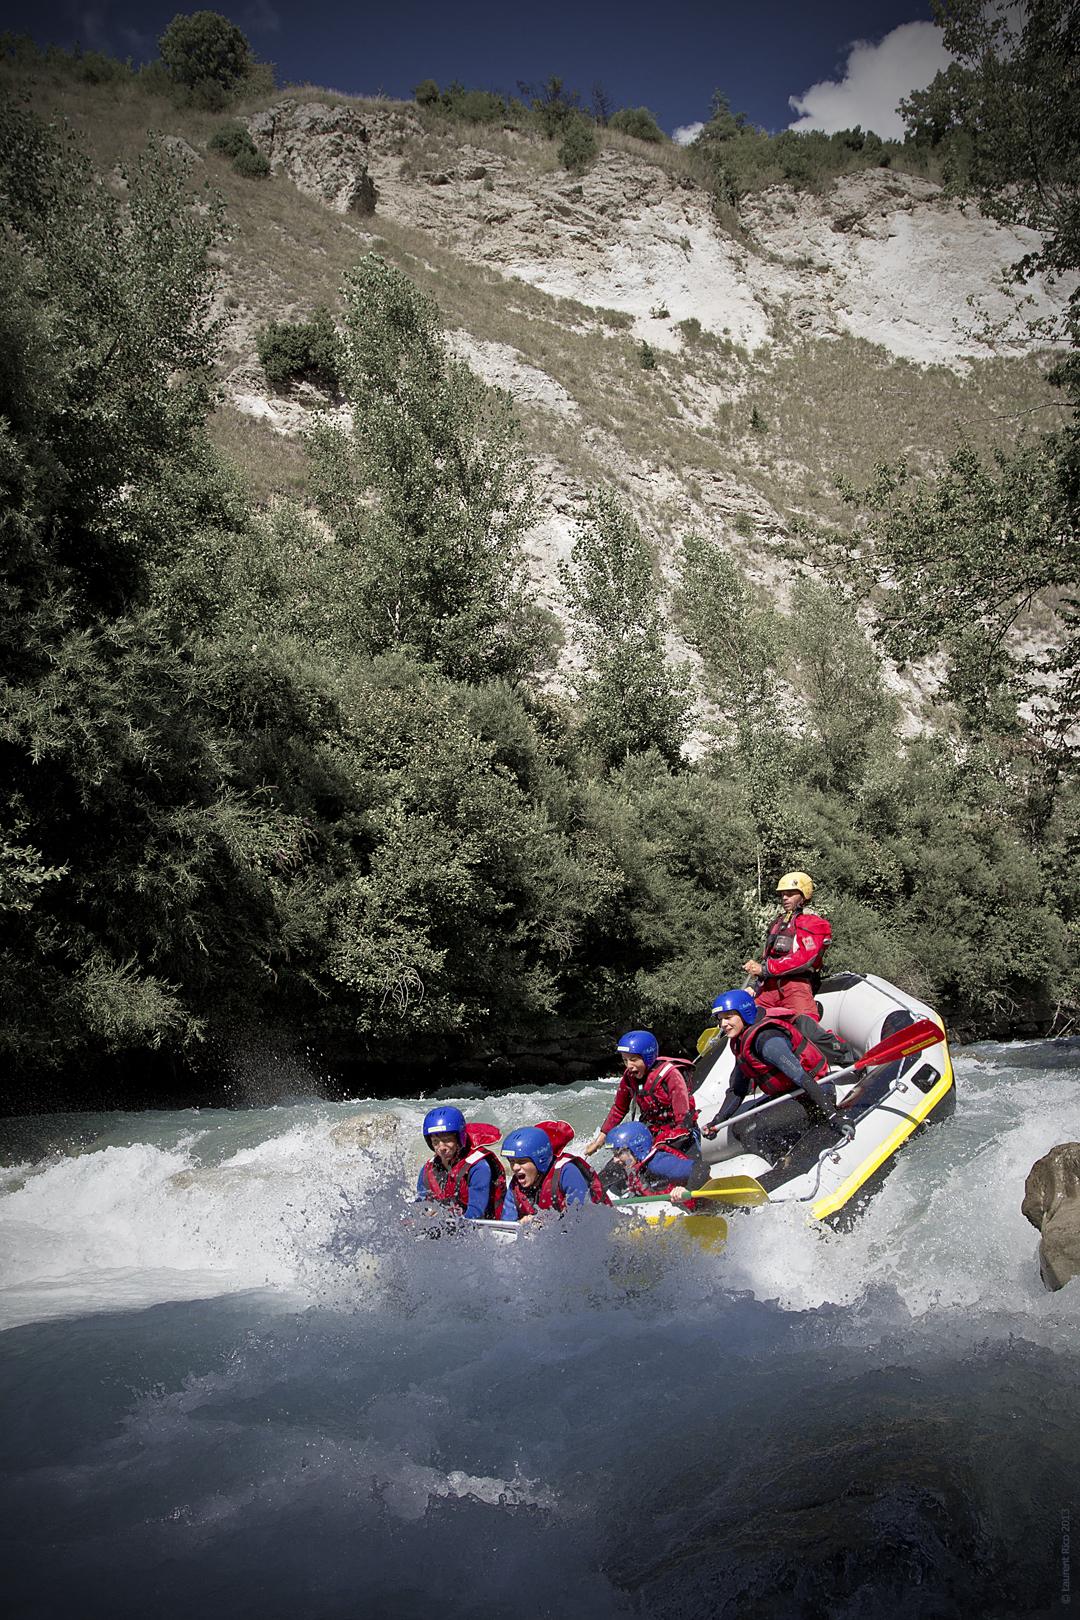 Laurent-rico-savoie-bride-les-bains-doron-bozel-photos-videos-reportage-groupe-riviere-descente-essaonia-rafting-eau-vive-